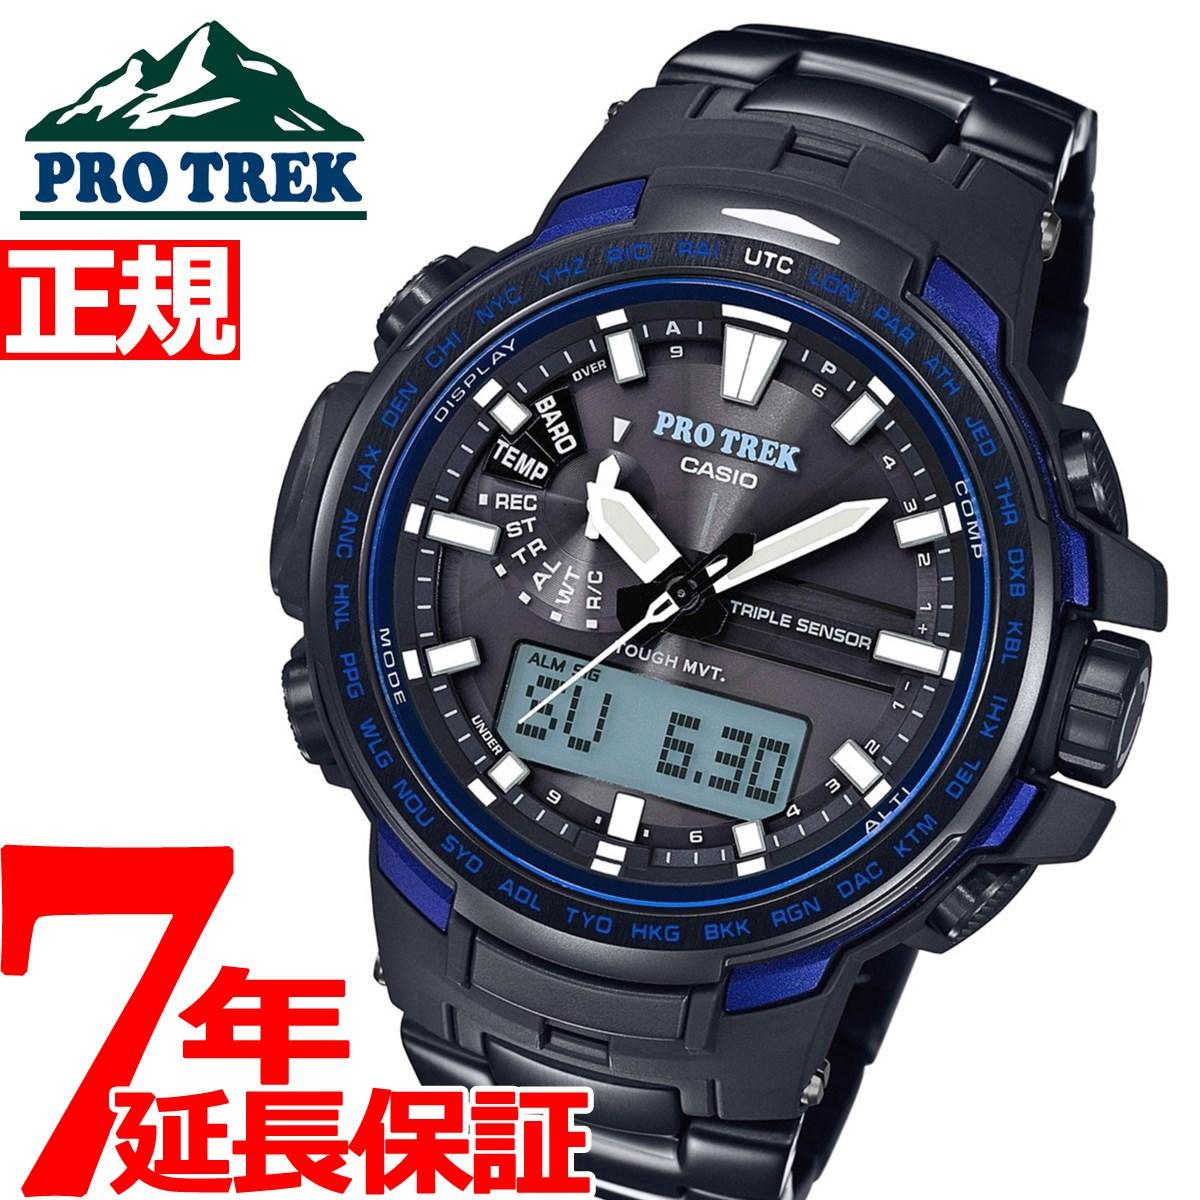 カシオ プロトレック CASIO PRO TREK 電波 ソーラー 電波時計 腕時計 メンズ ブルーモーメント アナデジ タフソーラー PRW-6100YT-1BJF